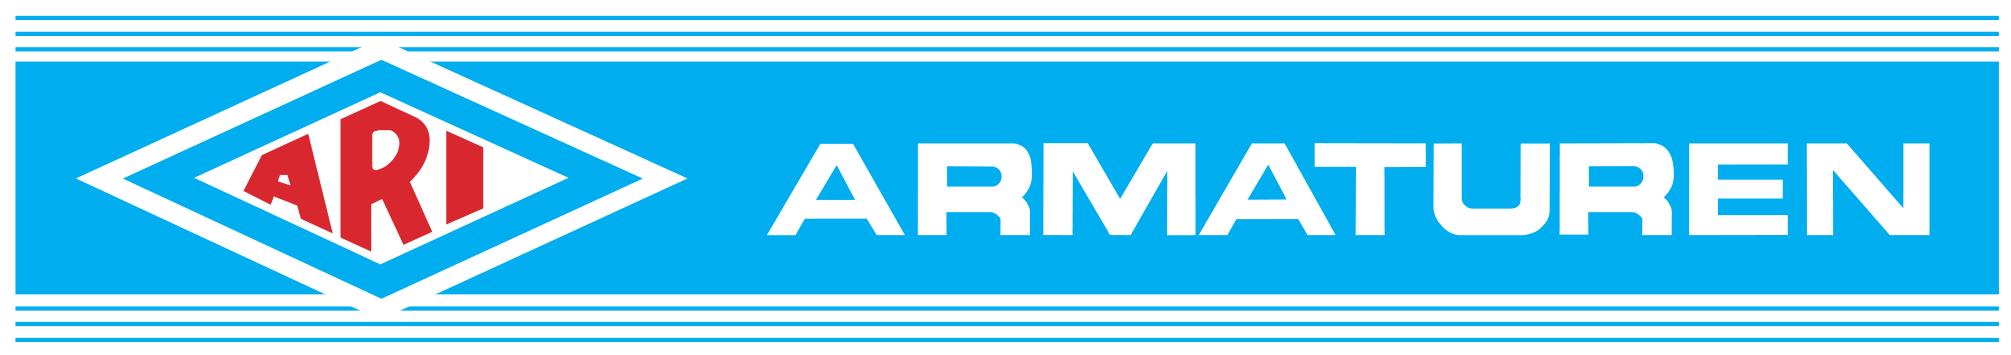 ARI-Armaturen_Logo